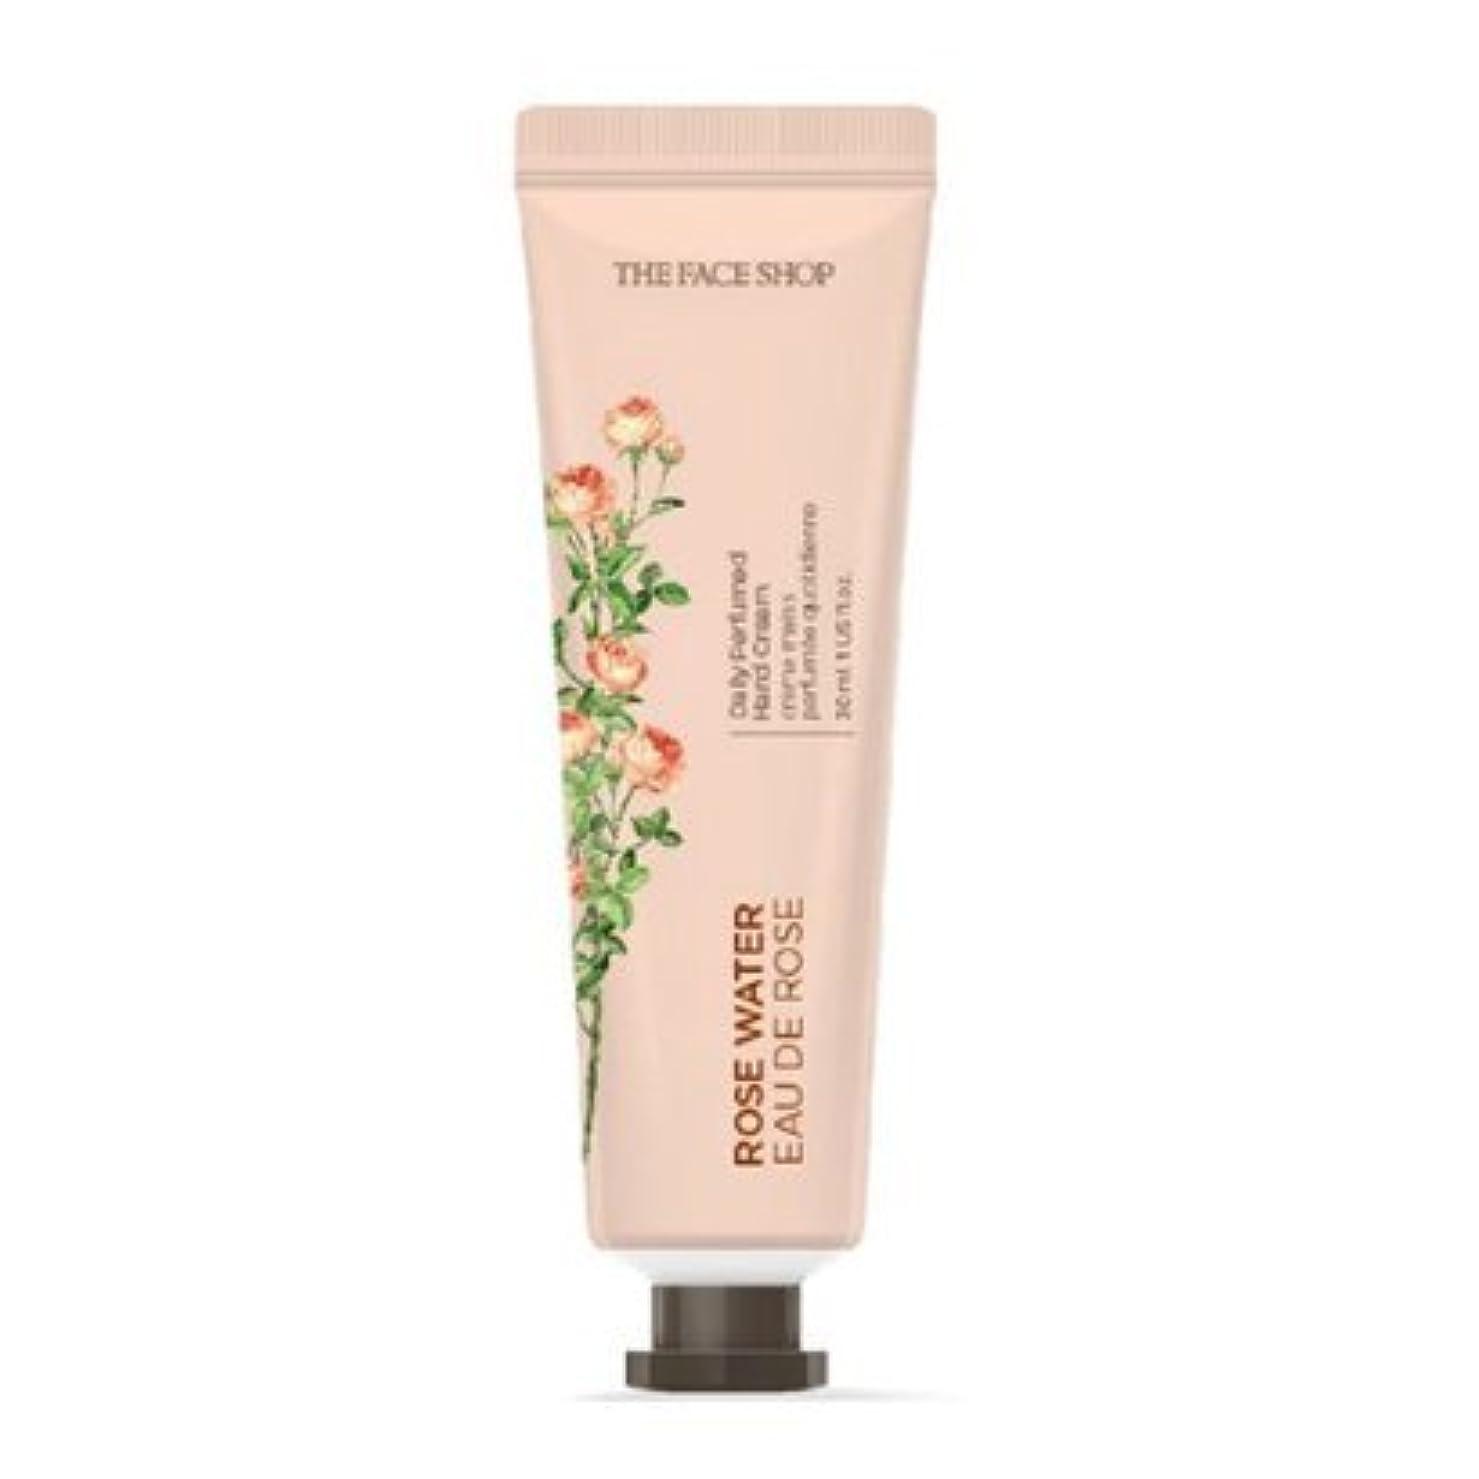 のれん参加するプール[1+1] THE FACE SHOP Daily Perfume Hand Cream [01.Rose Water] ザフェイスショップ デイリーパフュームハンドクリーム [01.ローズウォーター] [new] [並行輸入品]